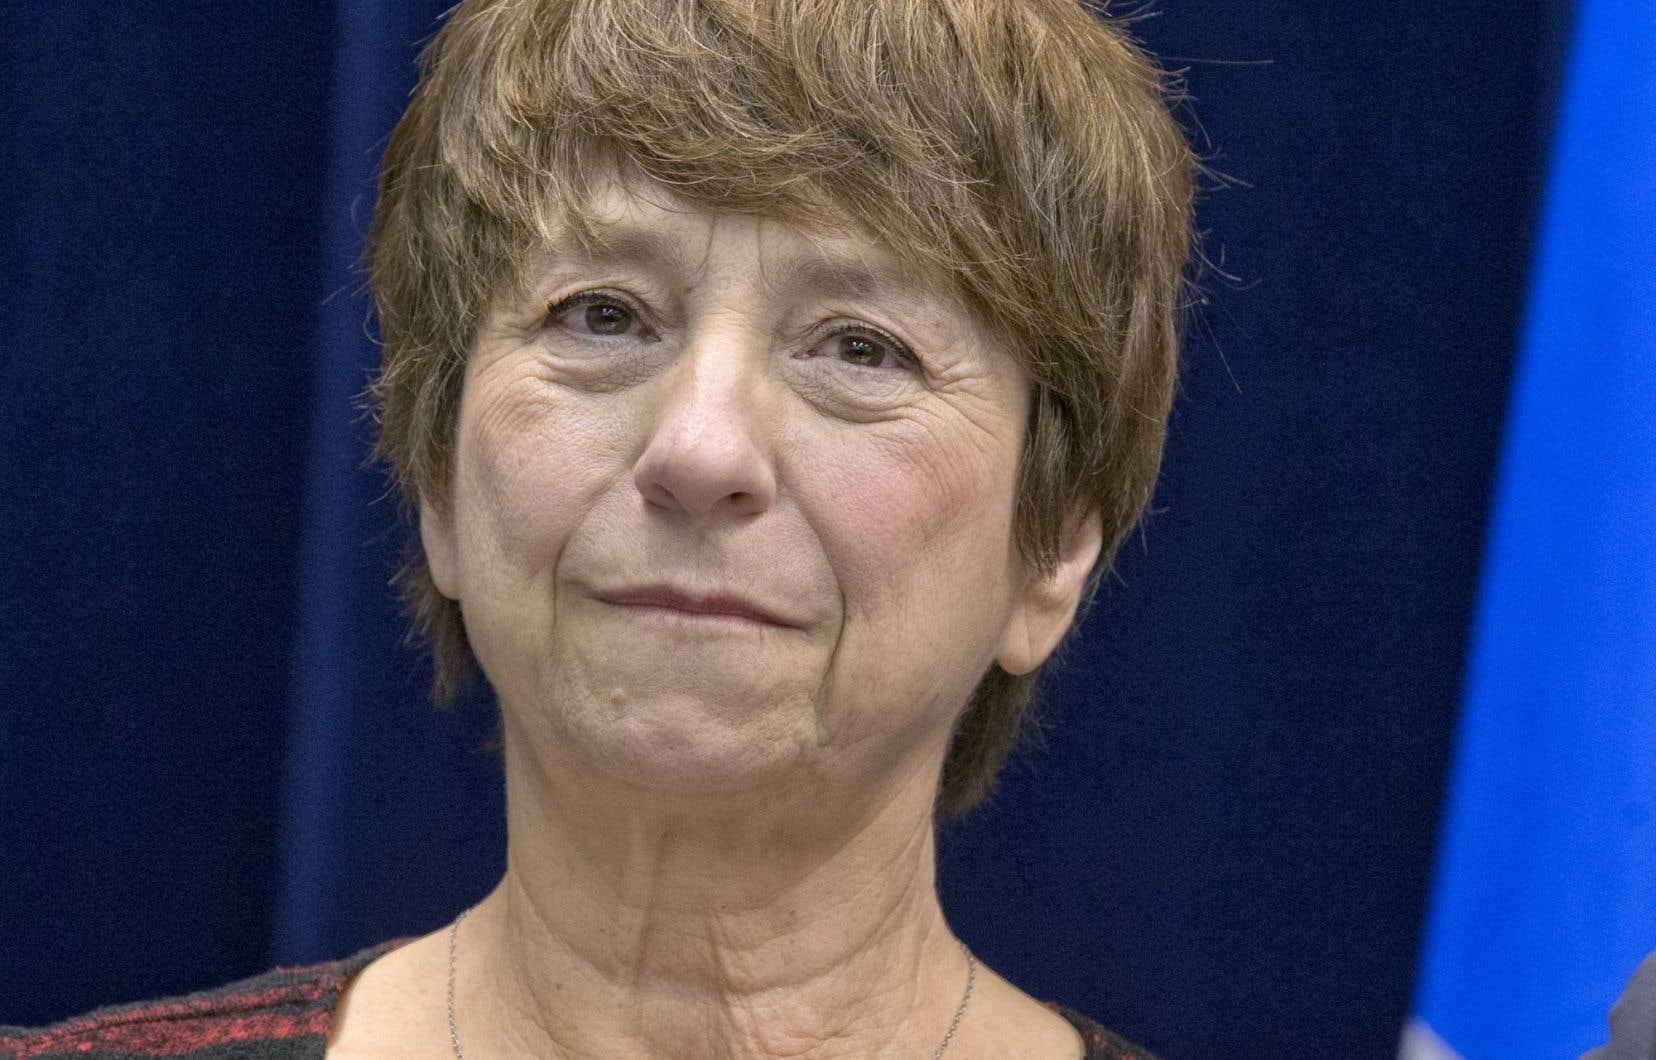 La circonscription montréalaise a été laissée vacante par l'ancienne co-porte-parole Françoise David, qui a démissionné de son poste pour des raisons de santé le mois dernier.